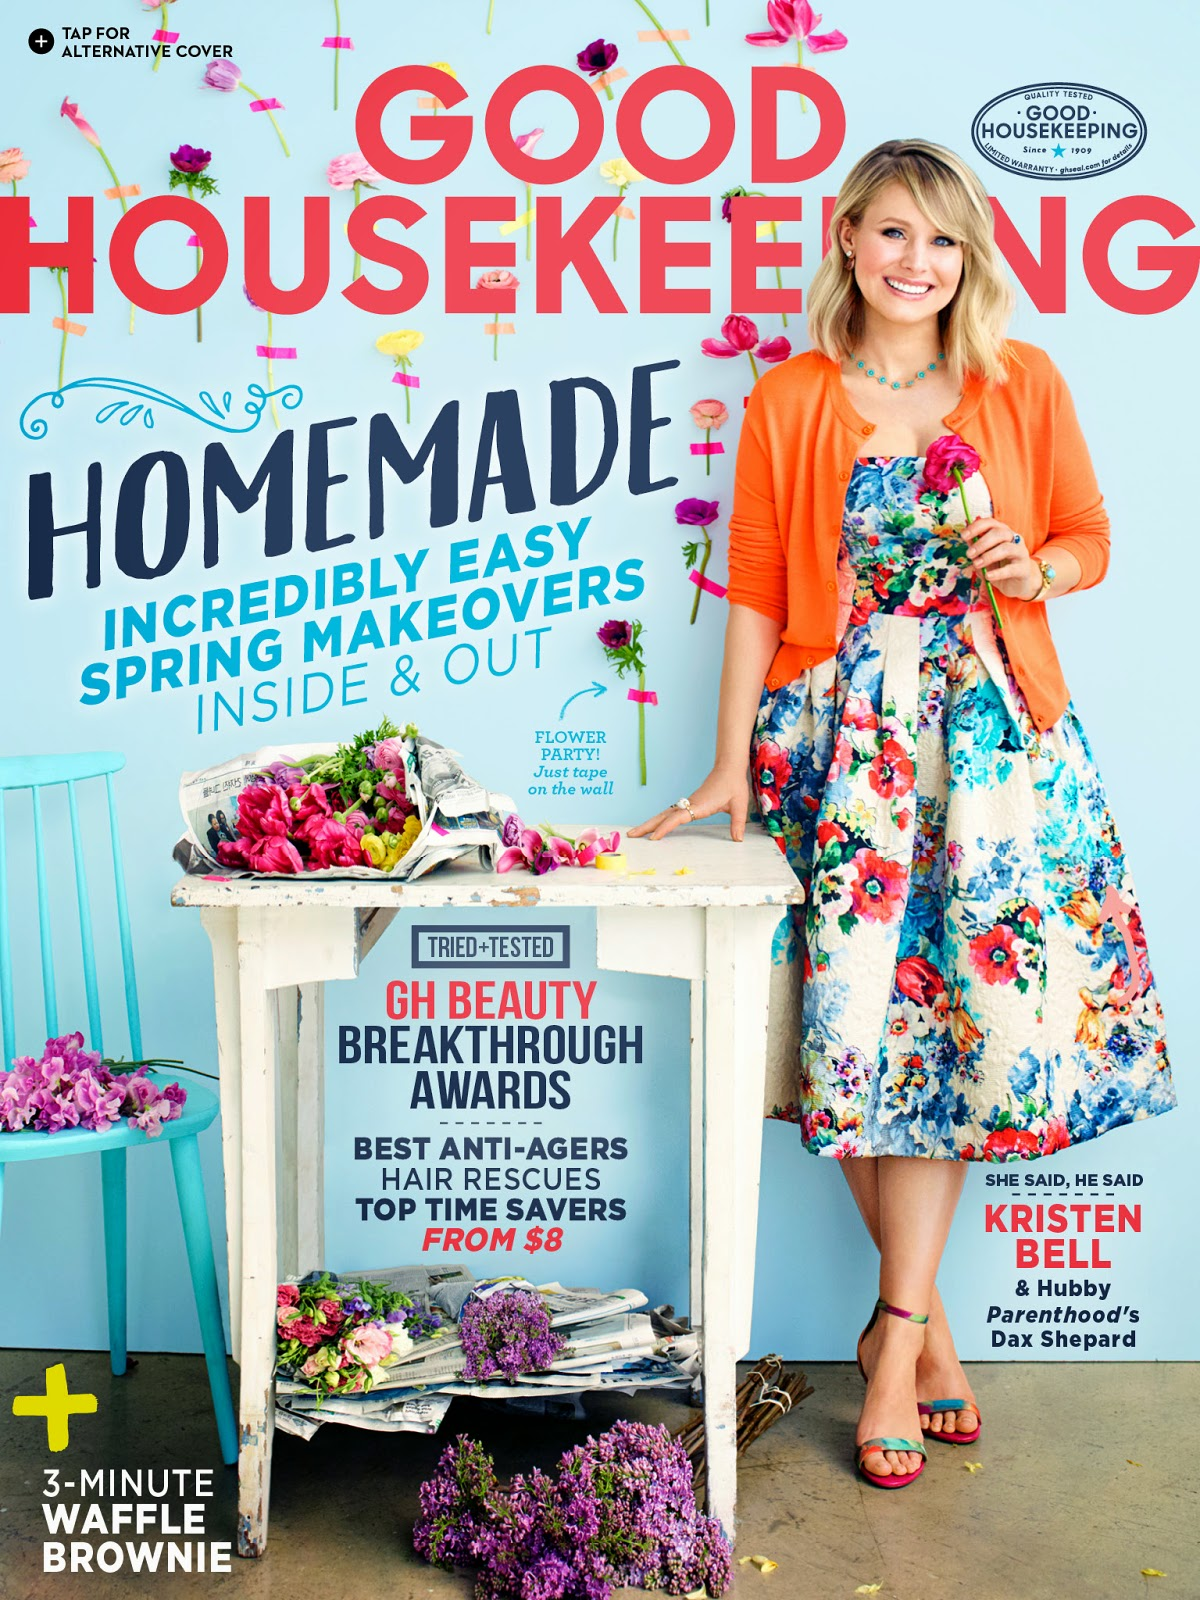 Actress, Singer @ Kristen Bell - Good Housekeeping, May 2015